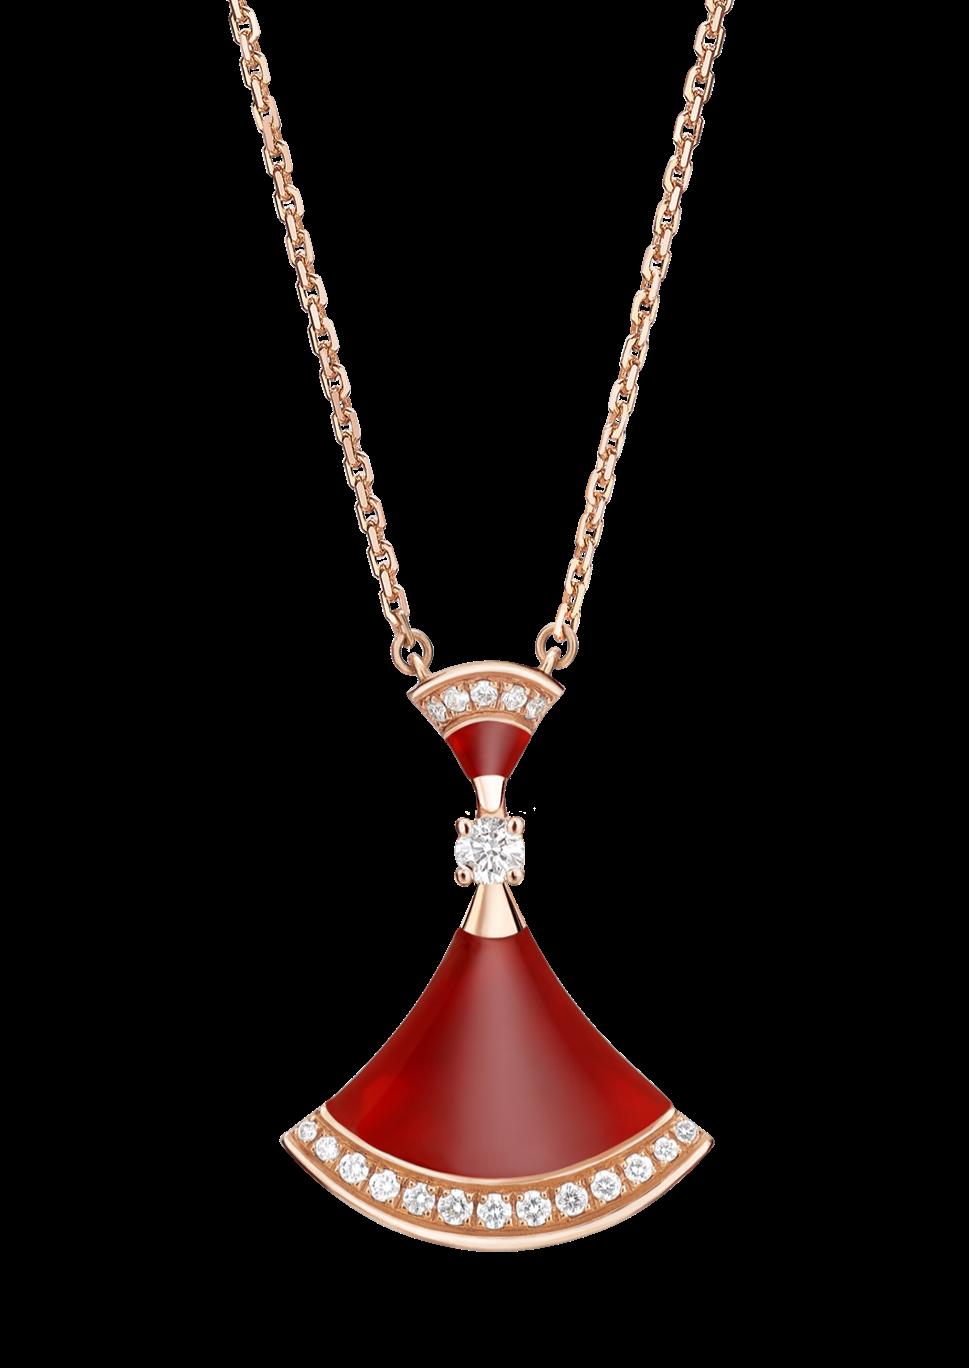 Diva dreams carnelian pendant